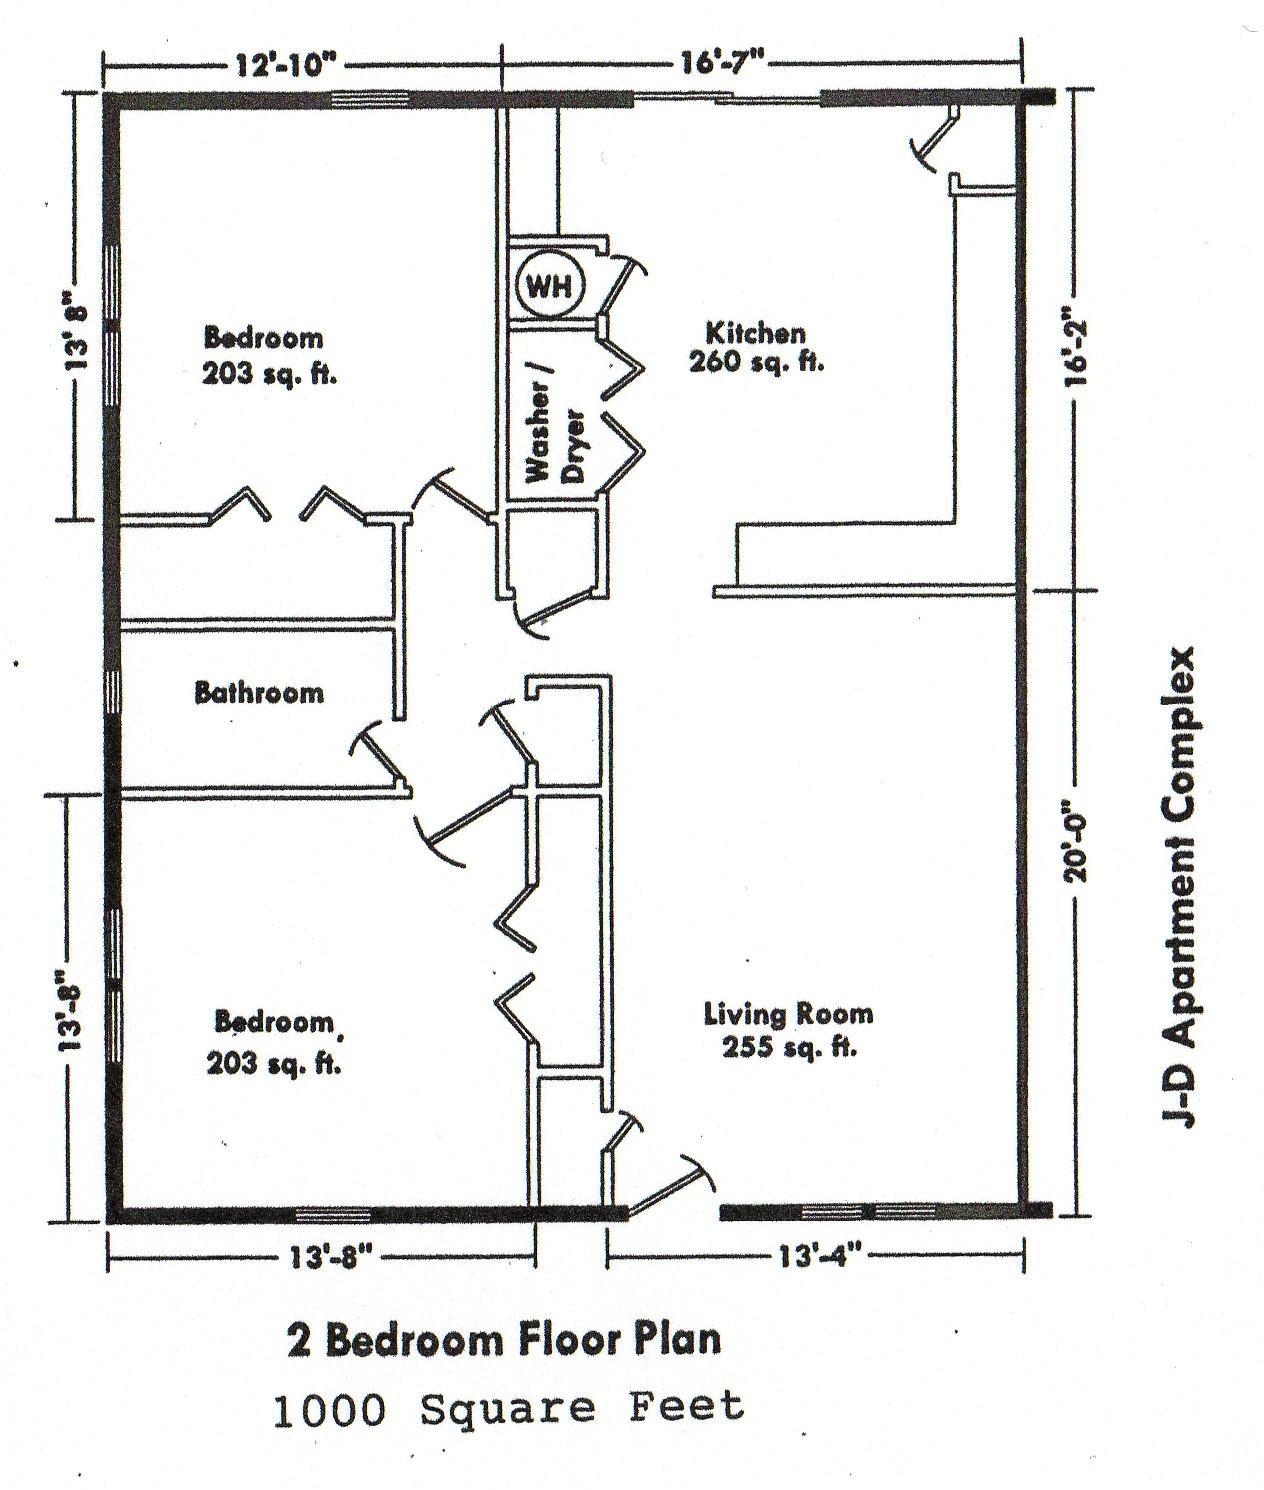 modular homes 2 bedroom floor plans